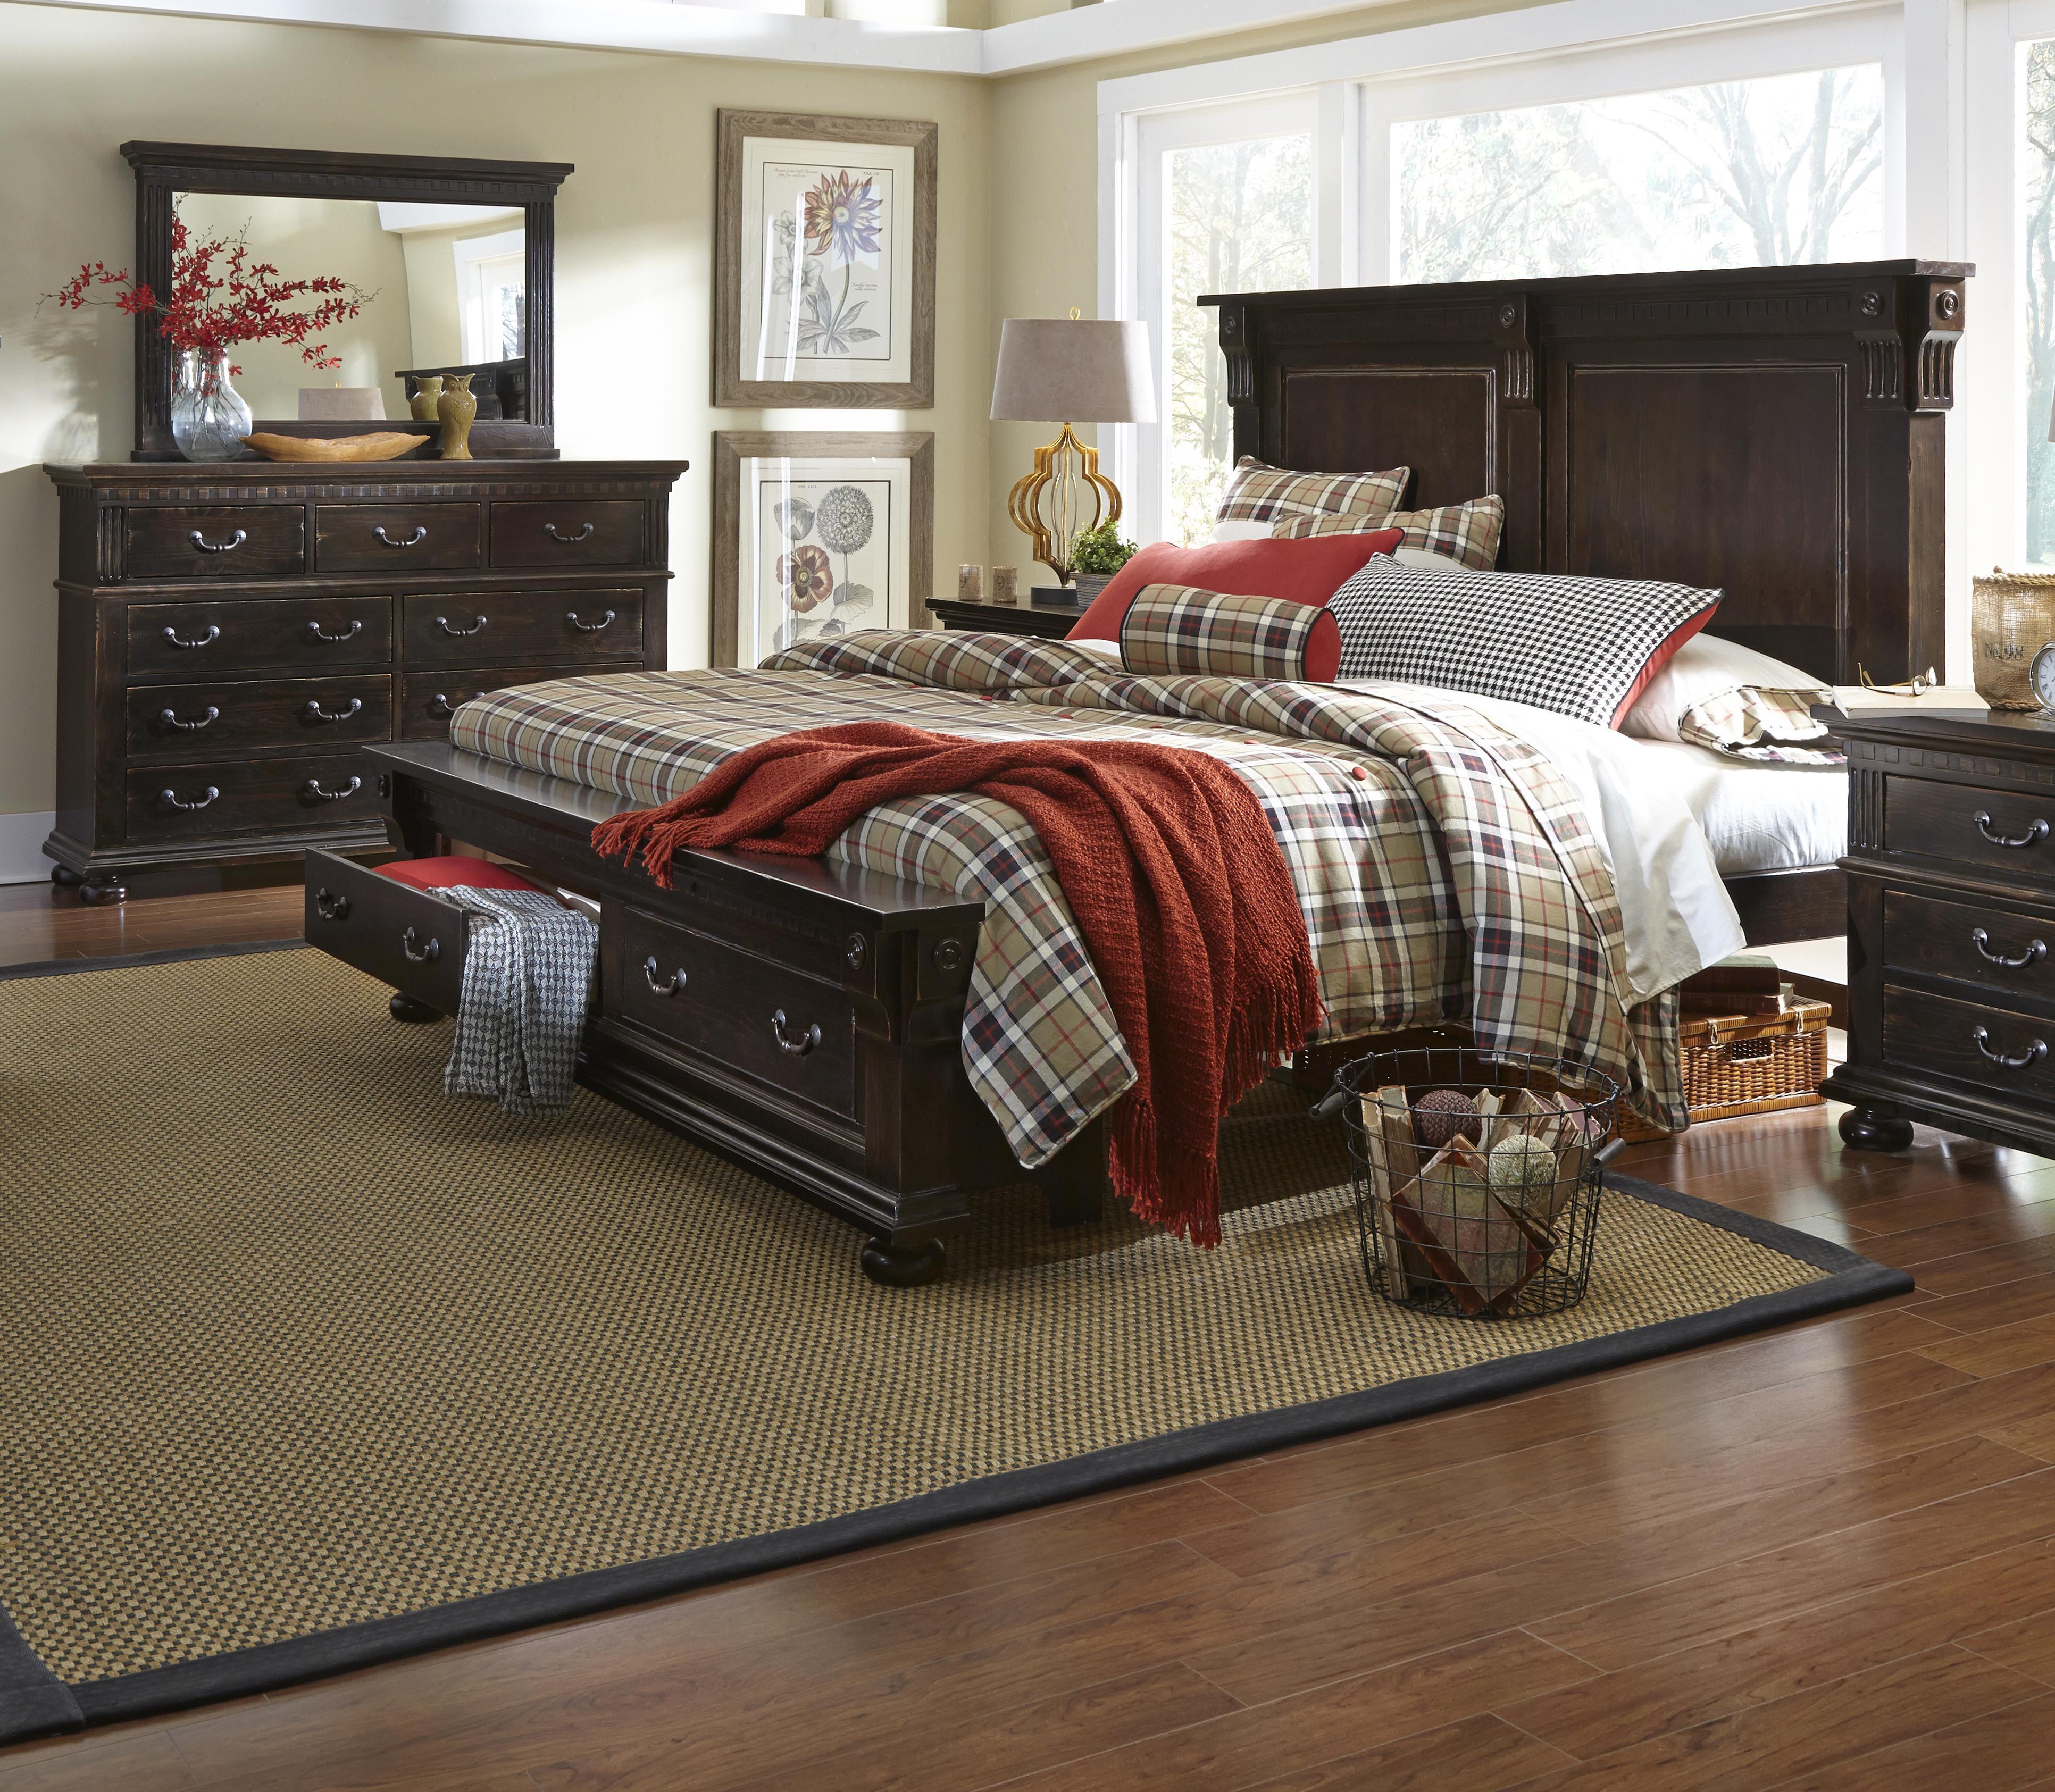 Progressive Furniture La Cantera King Bedroom Group - Item Number: P665 K Bedroom Group 2